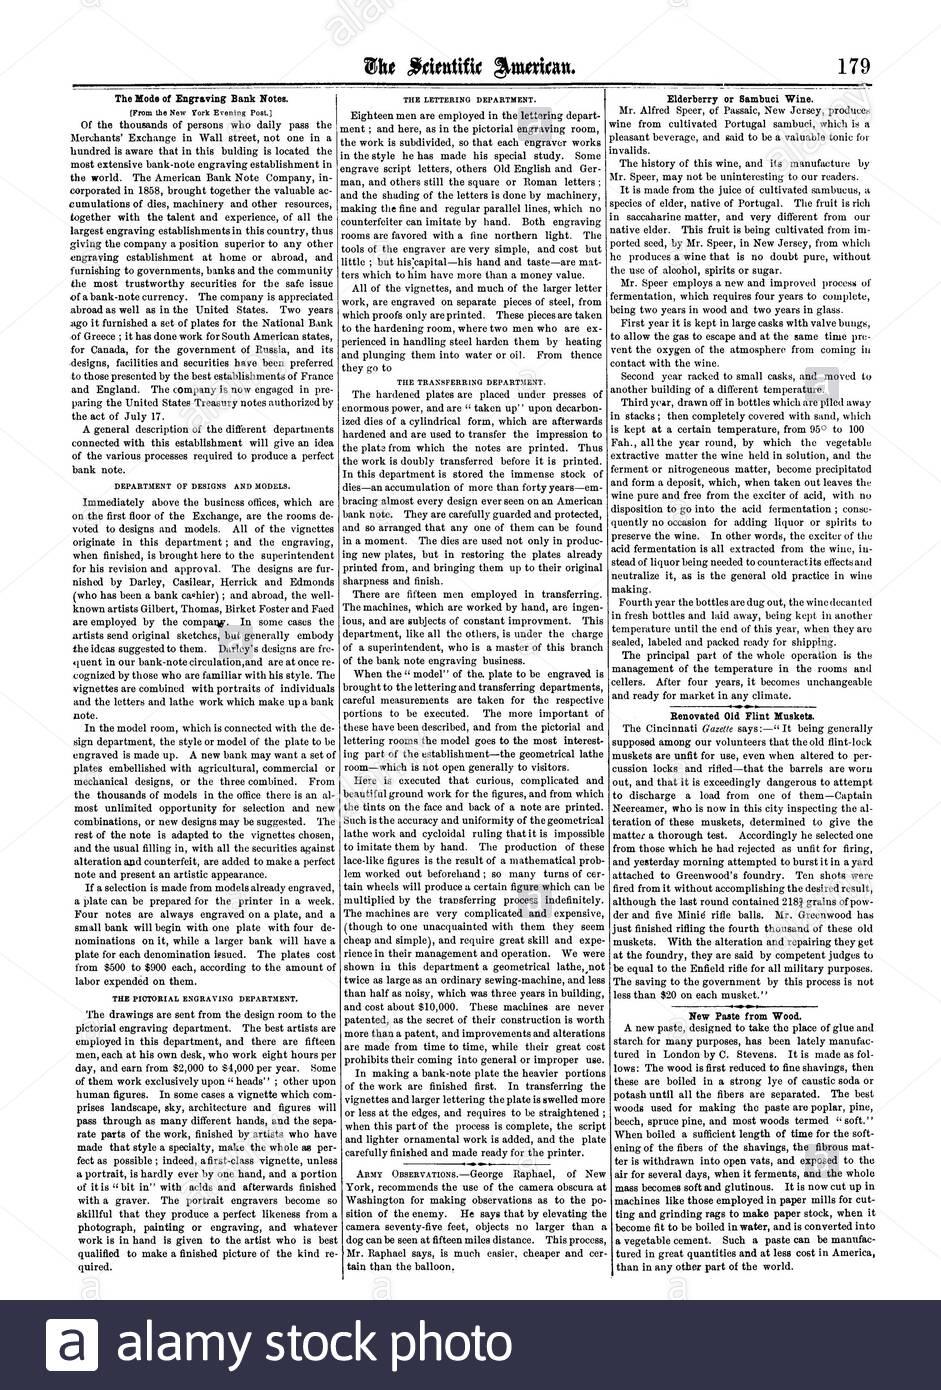 der modus der gravur banknoten holunder oder sambuci wein renovierte alte feuersteine musketen neue paste aus holz scientific american 1861 09 21 2abtep7